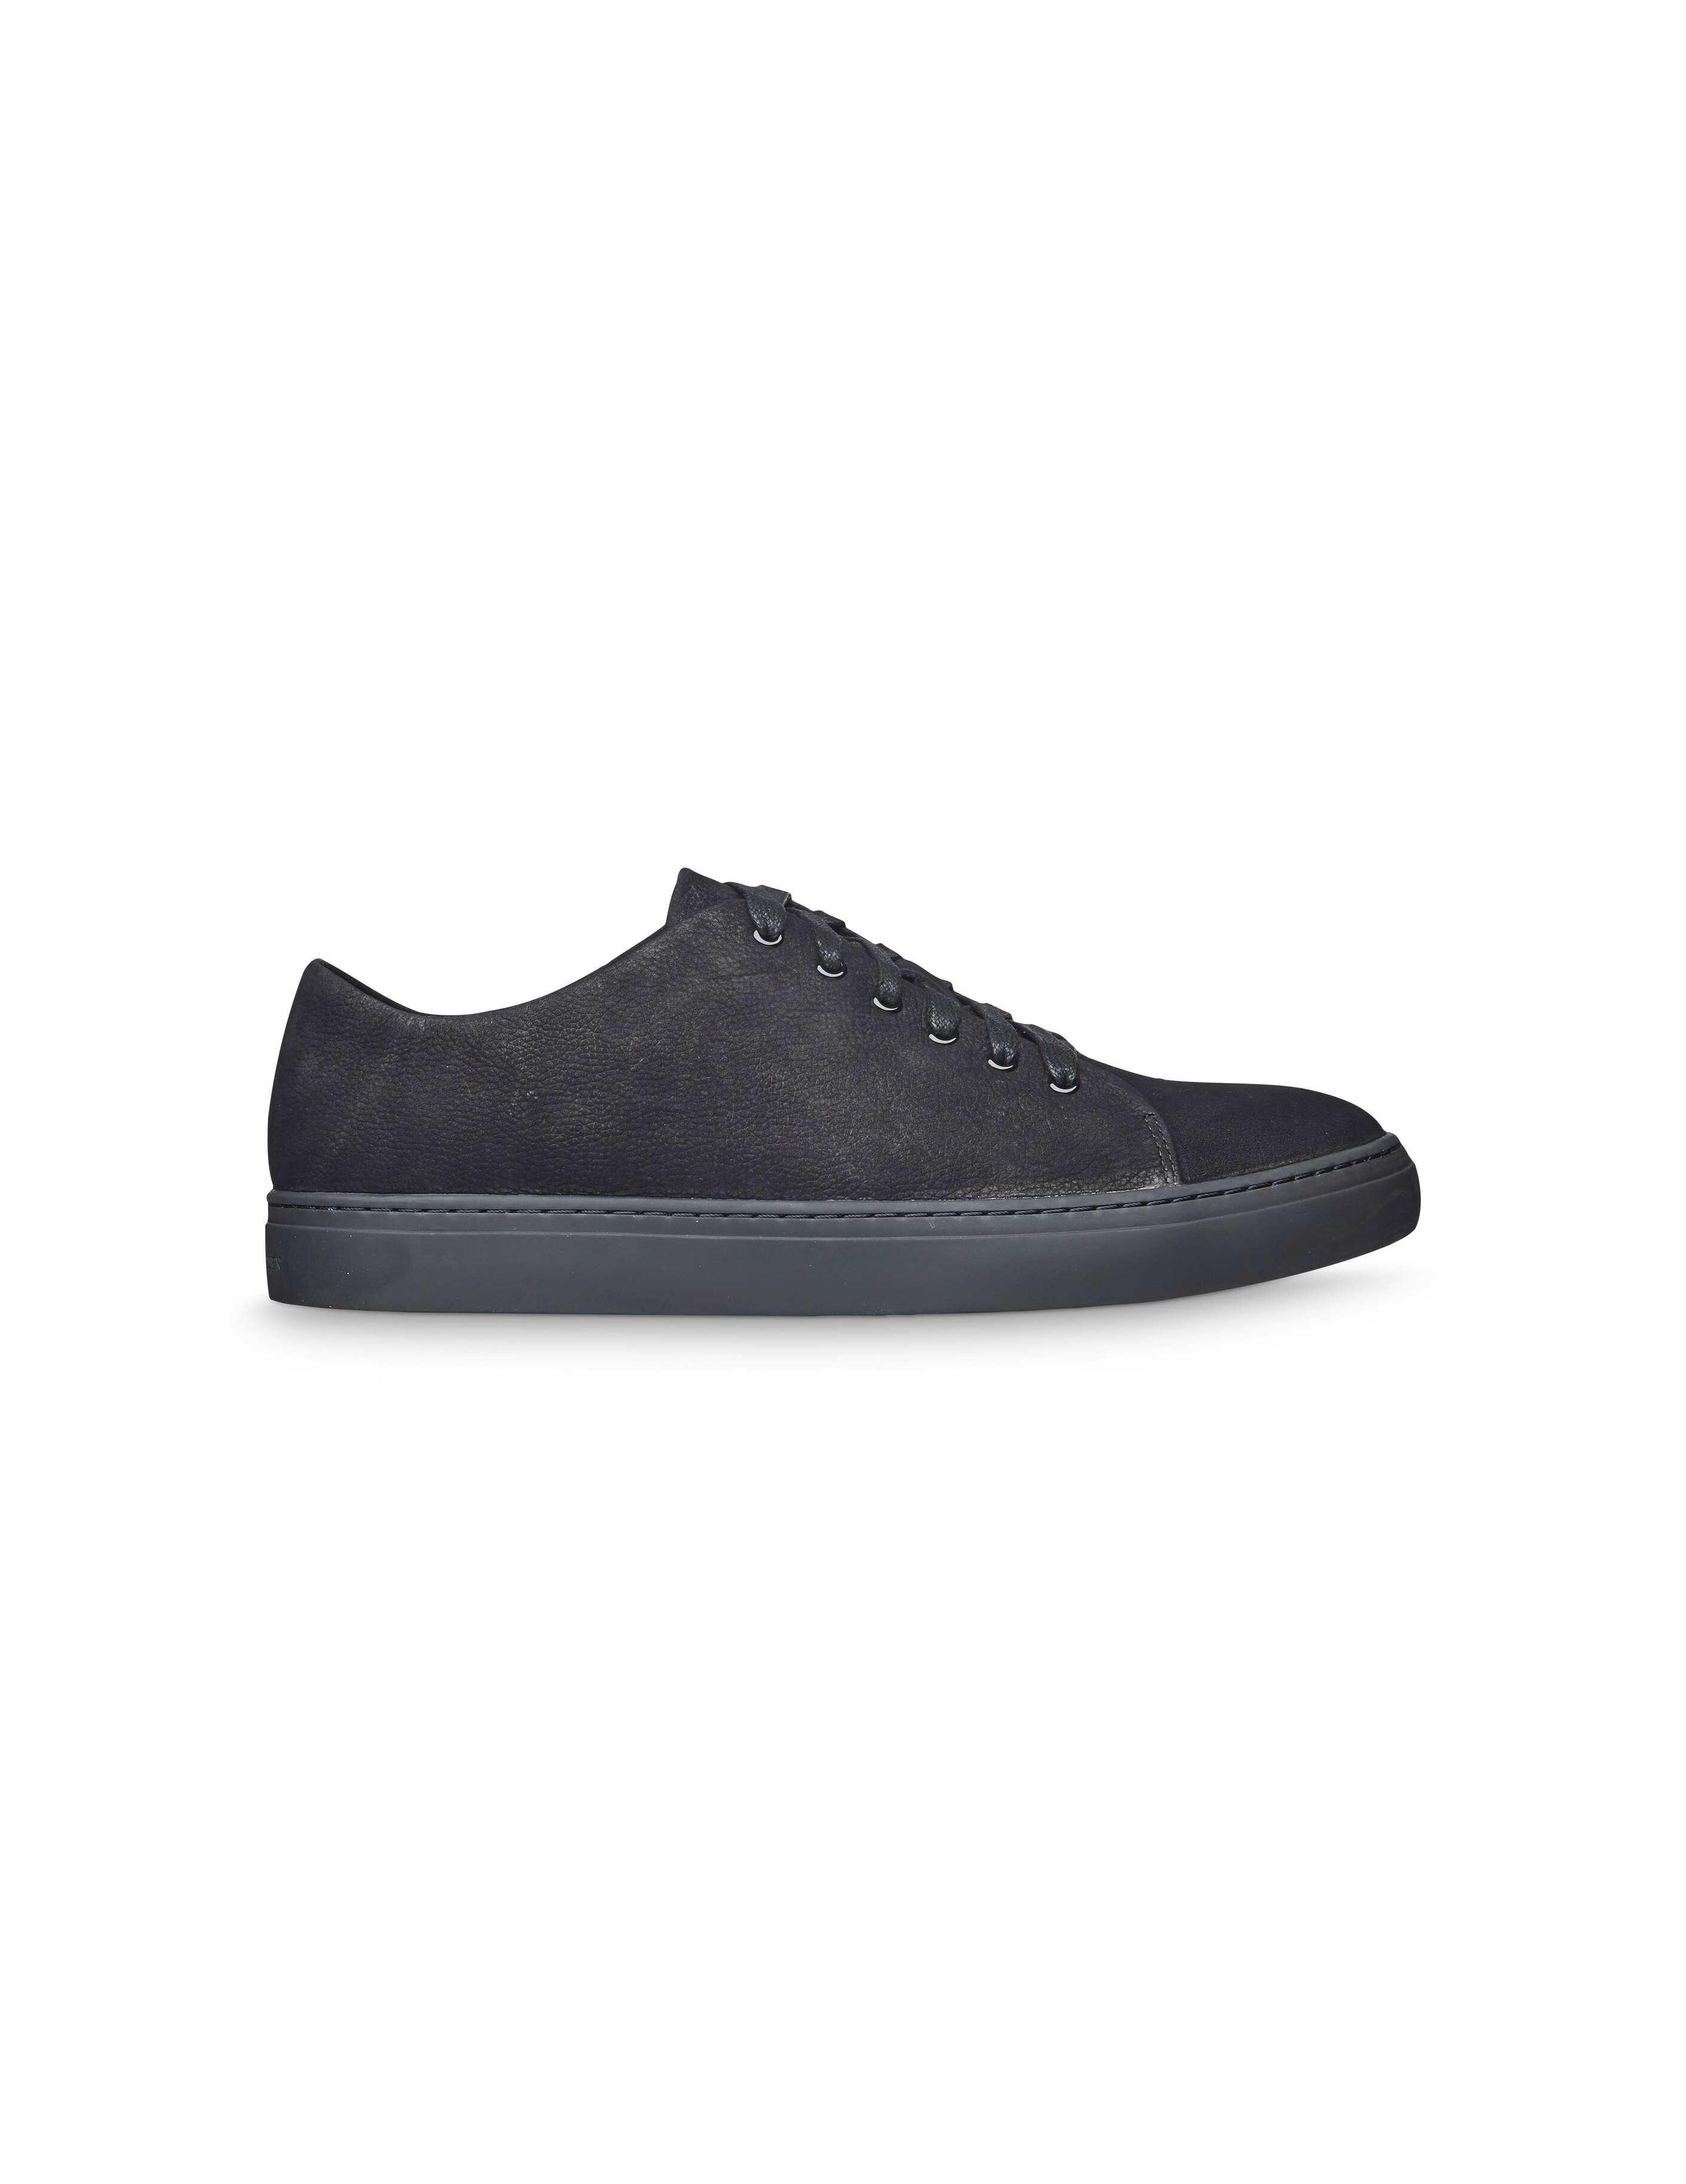 Yngve sneakers - Buy Shoes online